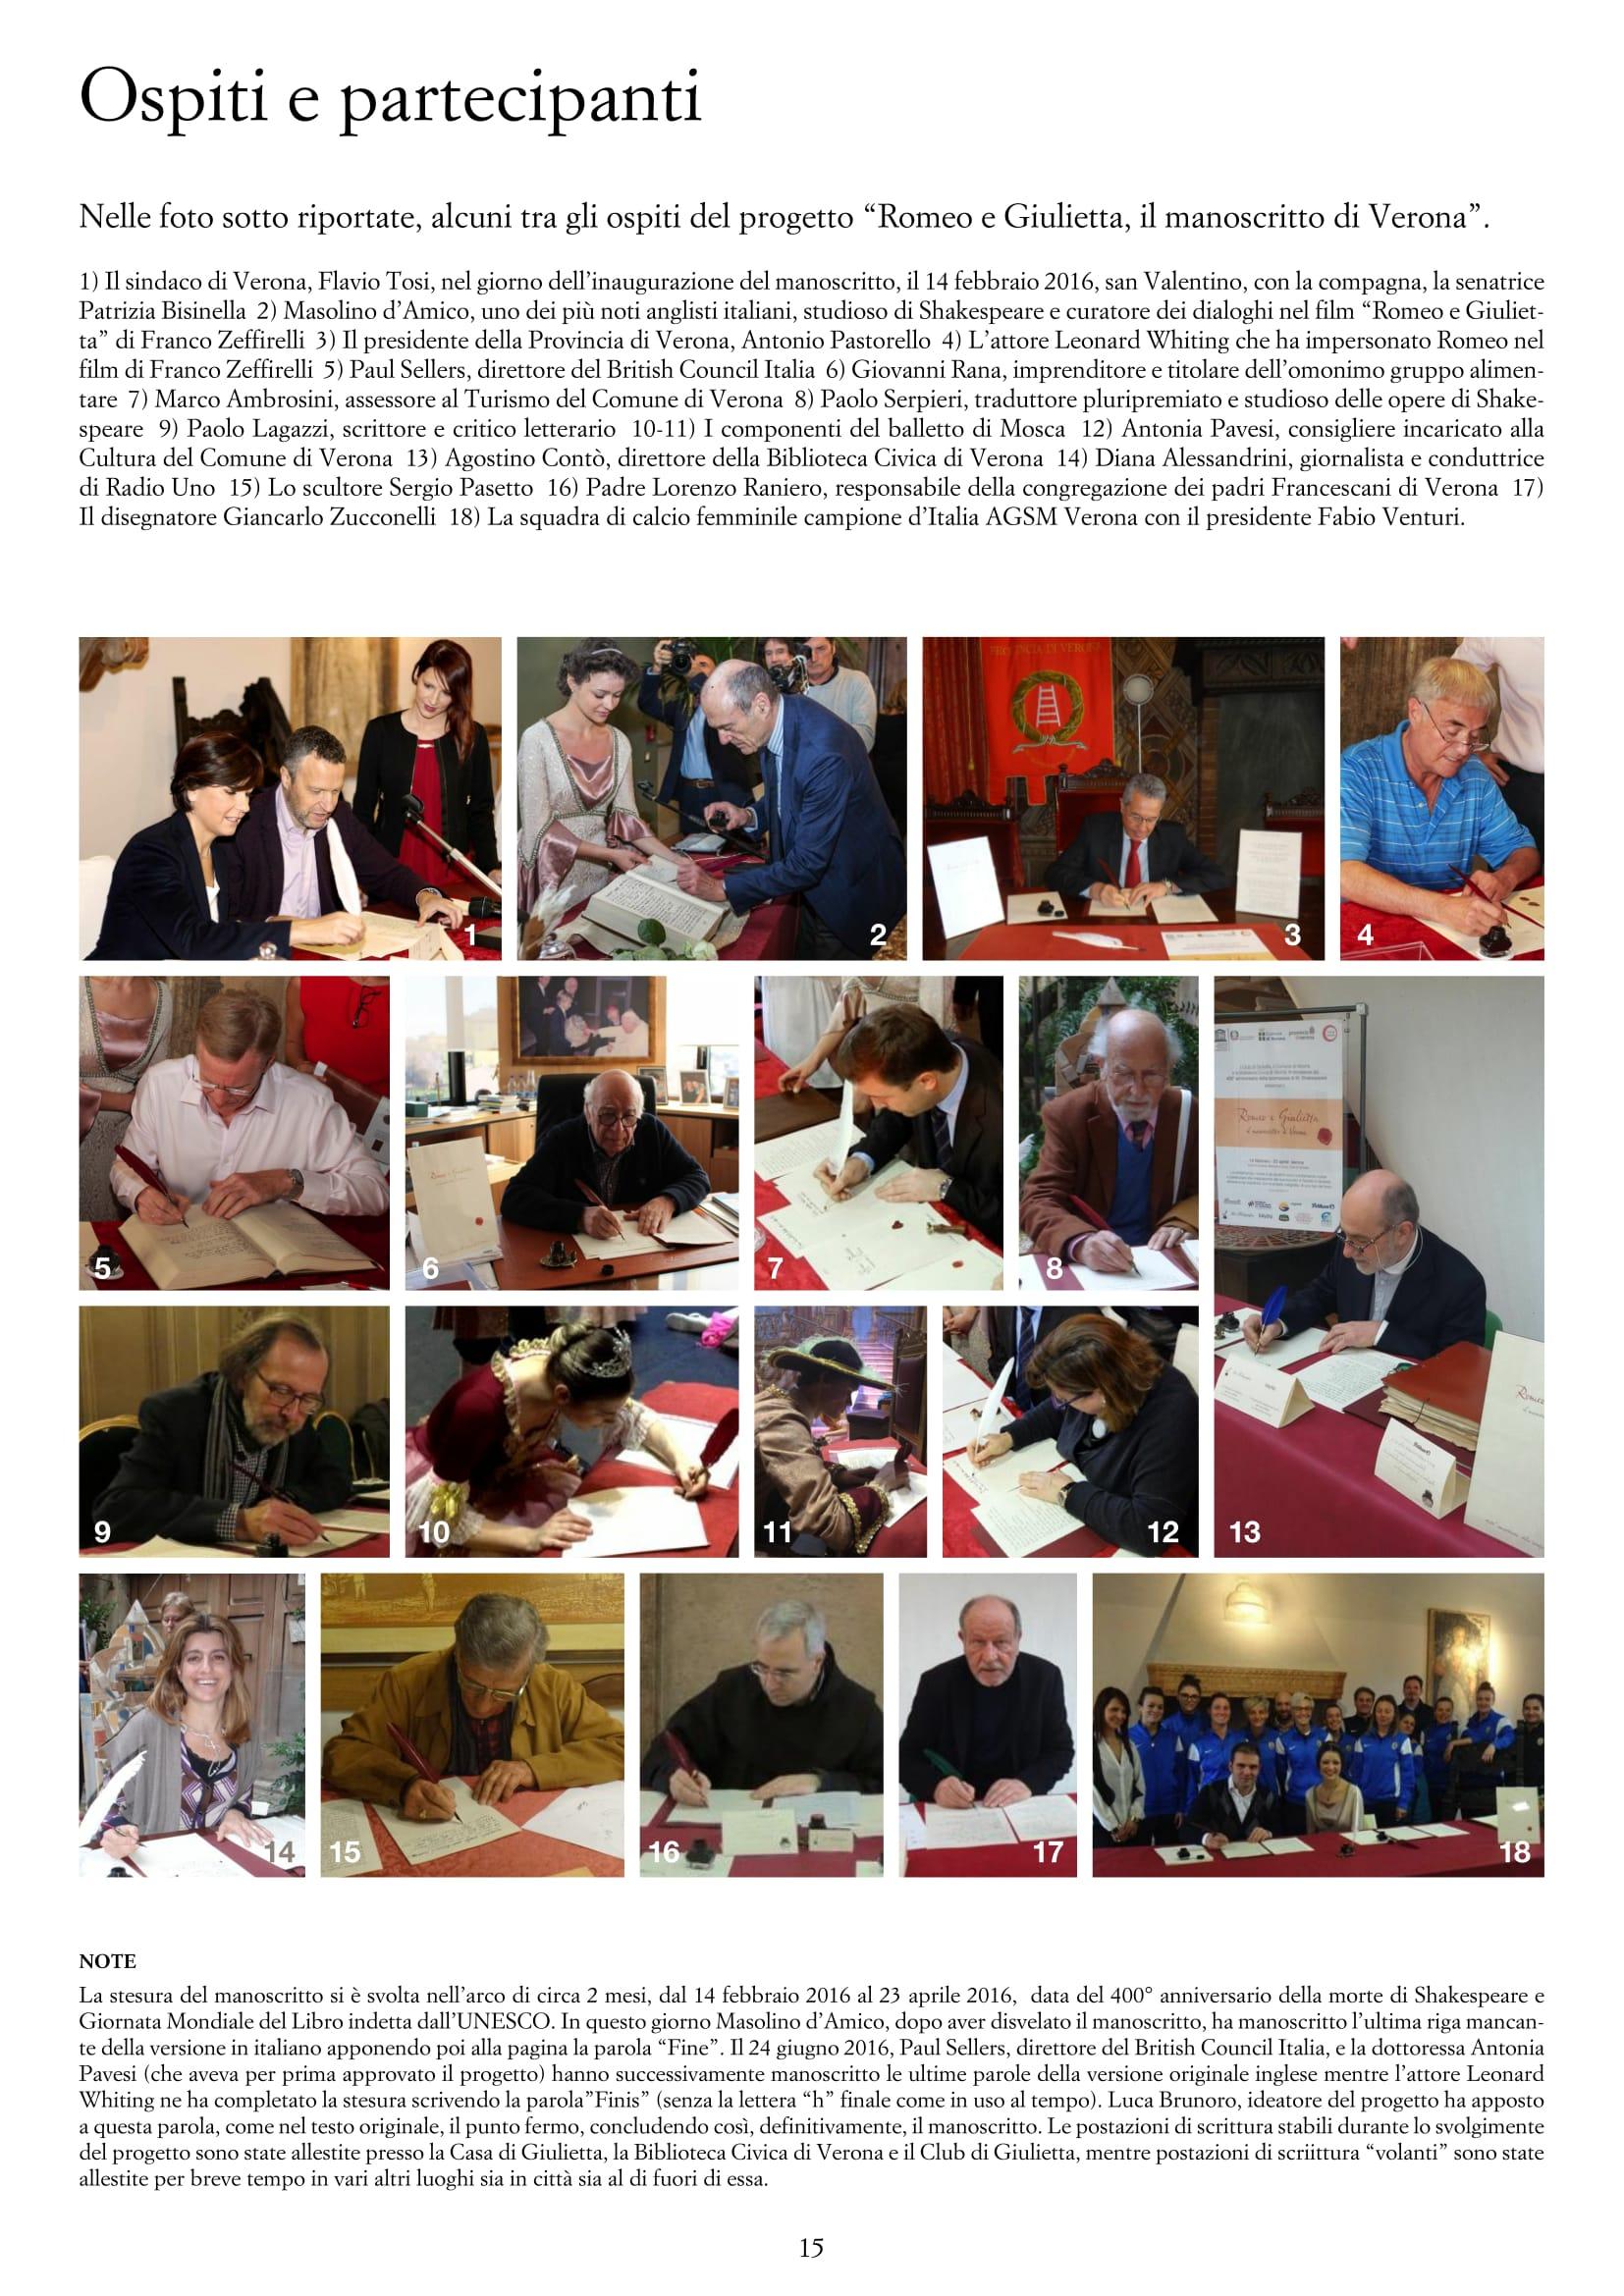 ospiti_progetto_romeo_e_giulietta_il_manoscritto_di_verona-copia